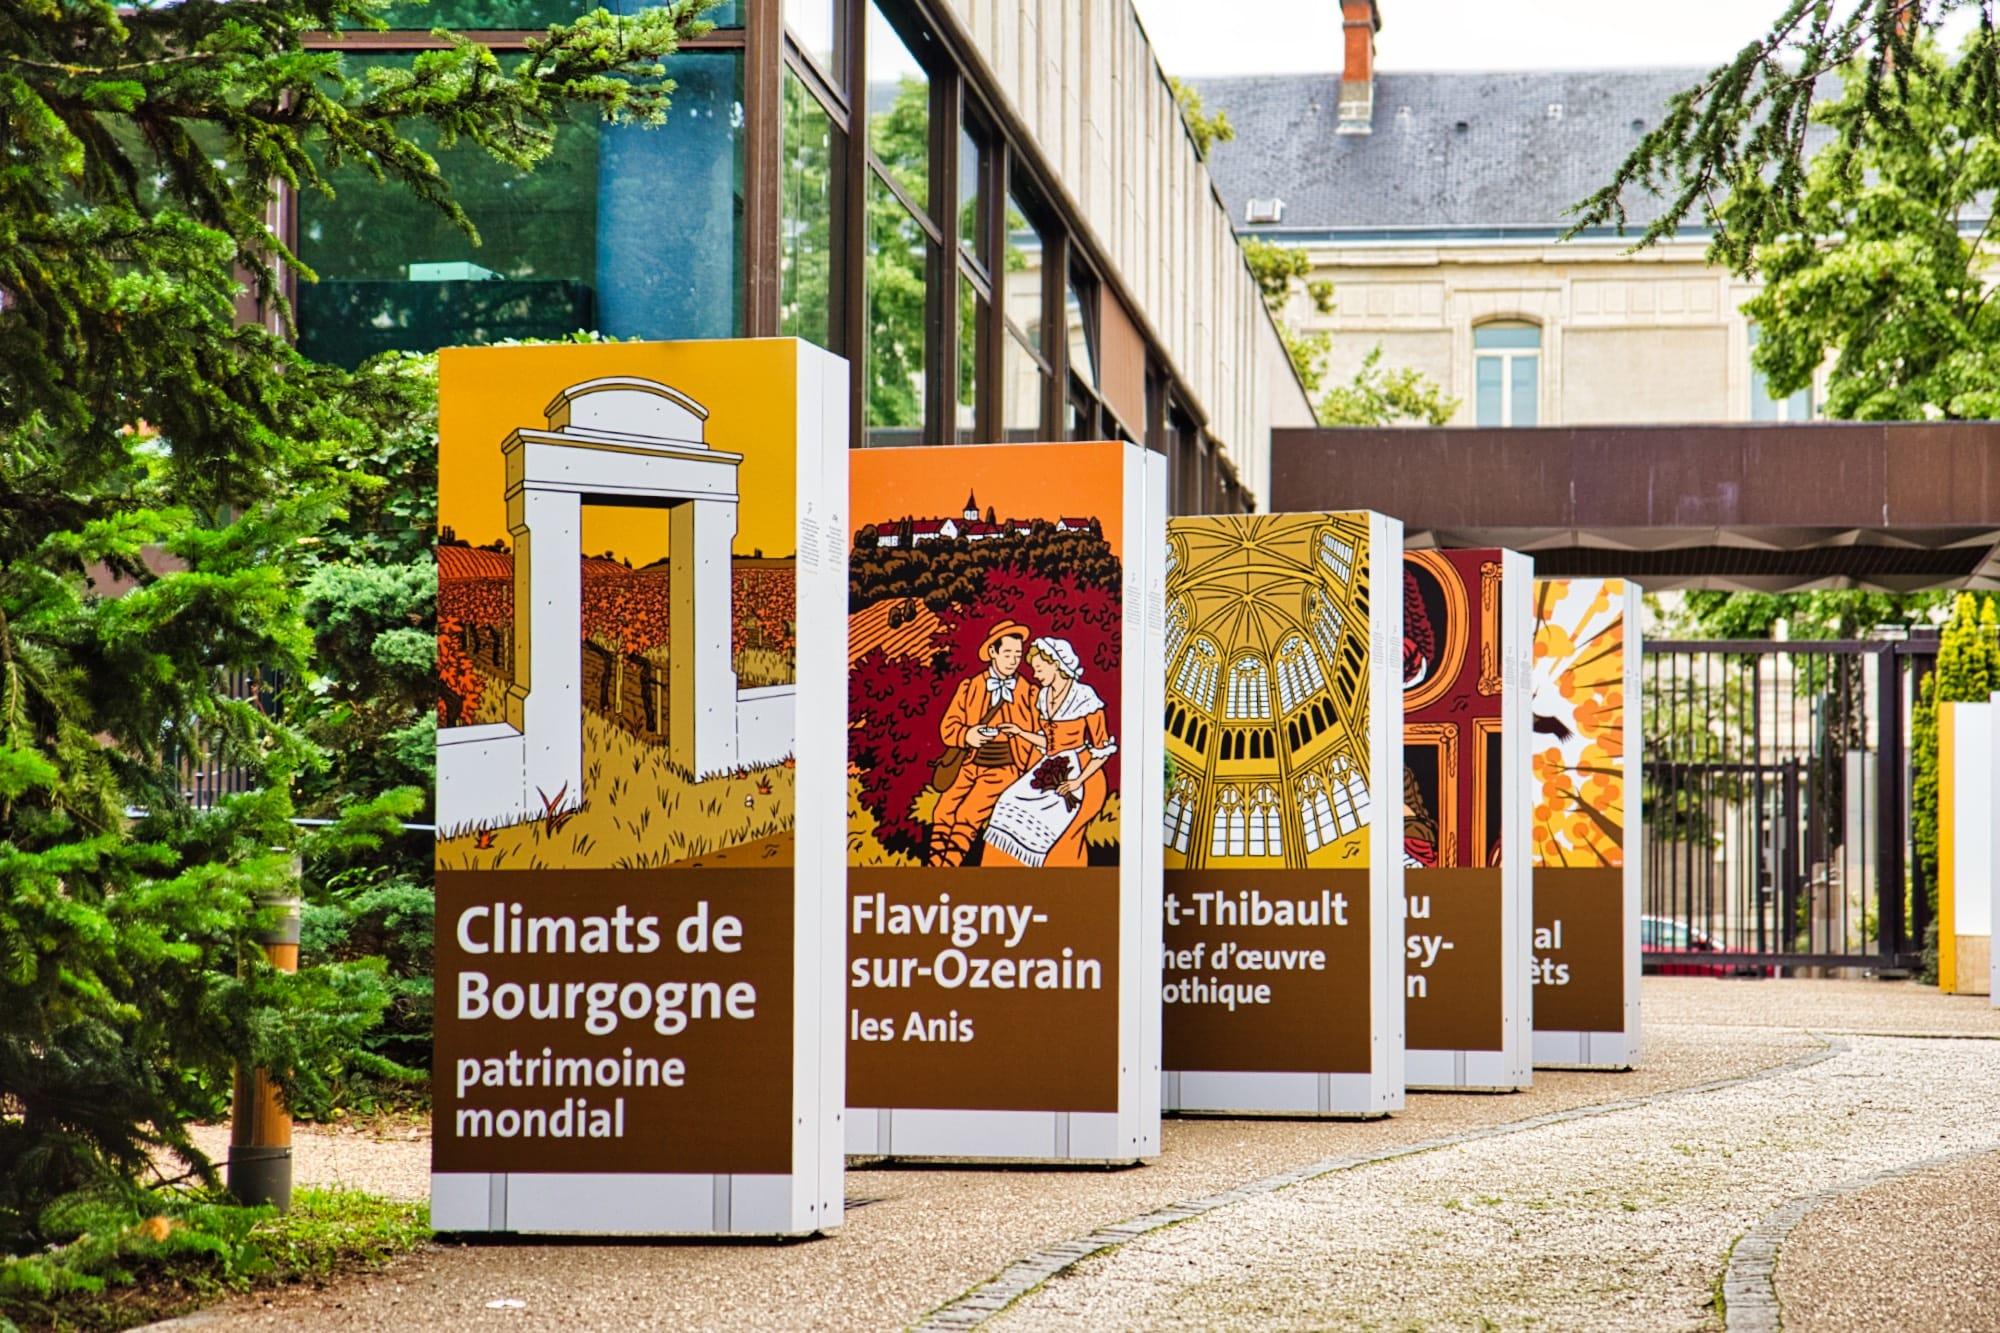 Une galerie d'art autoroutier dans les jardins du Département de Côte-d'Or